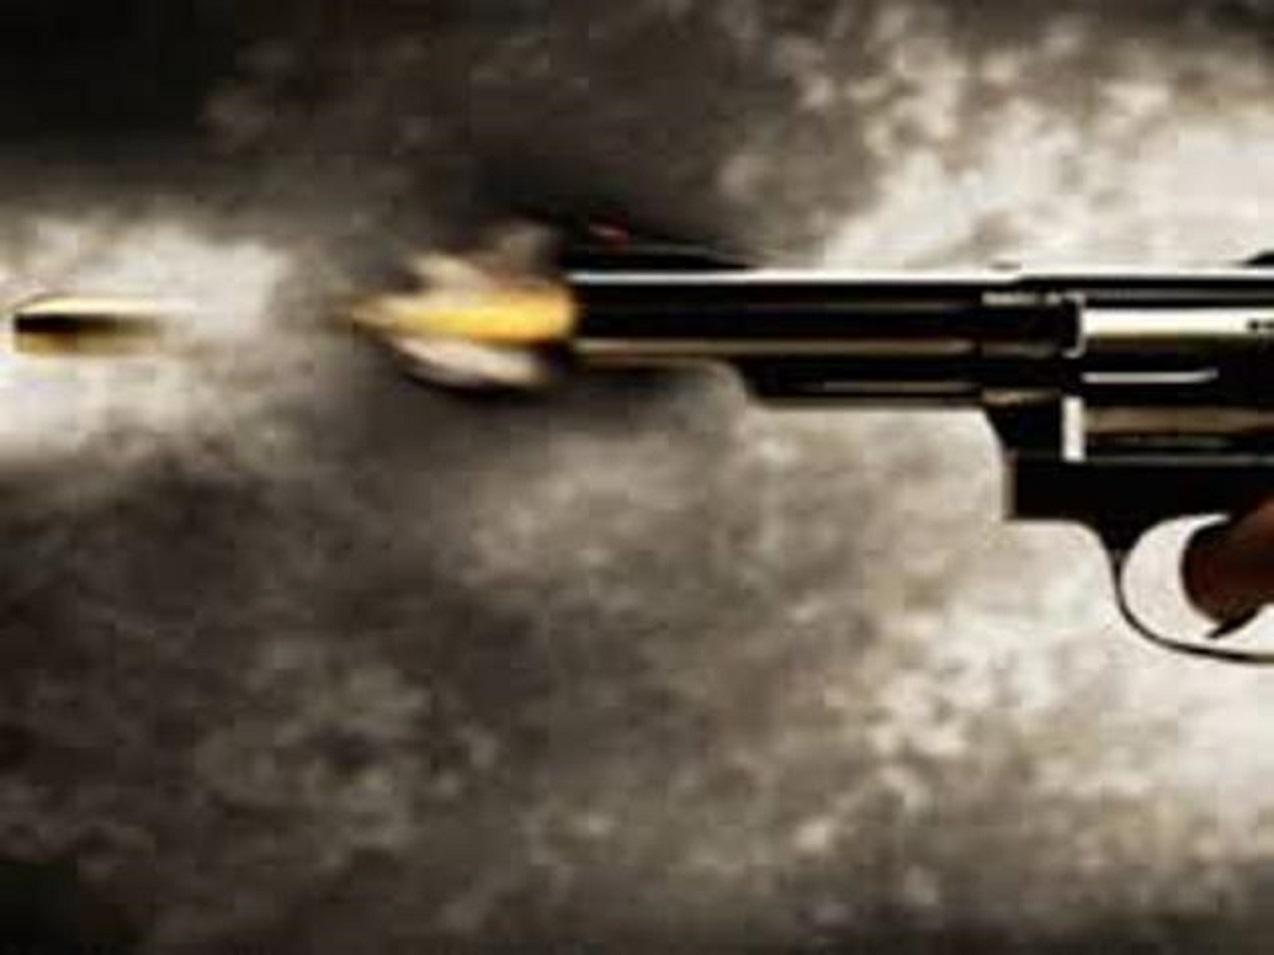 माओवादी केन्द्रका नेतामाथि कपिलवस्तुमा गोली प्रहार